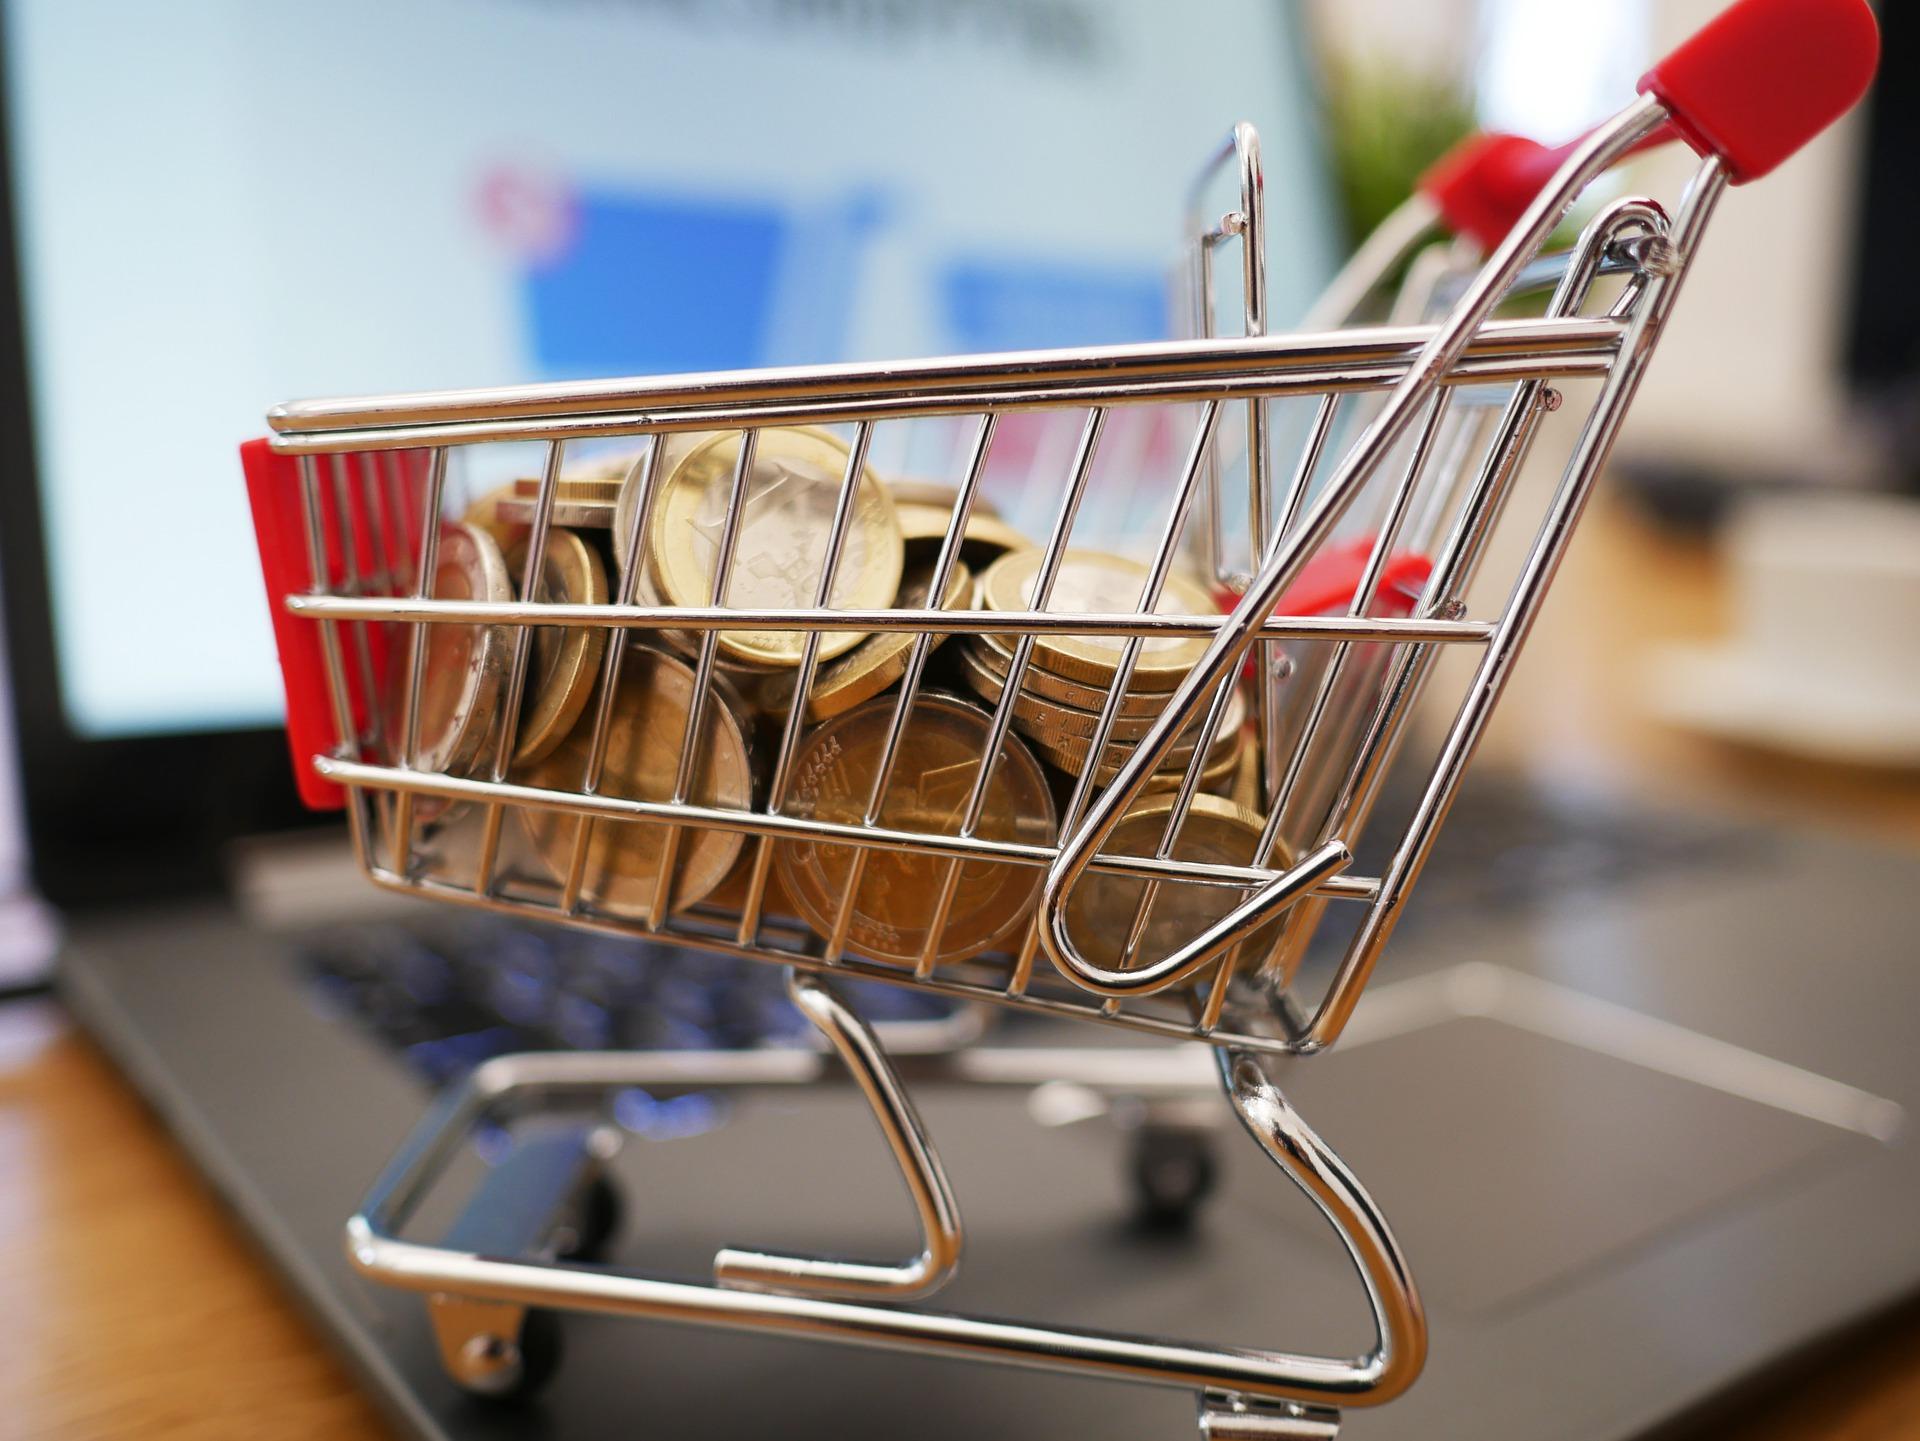 Представники мереж супермаркетів надали пояснення щодо суттєвого подорожчання продуктів